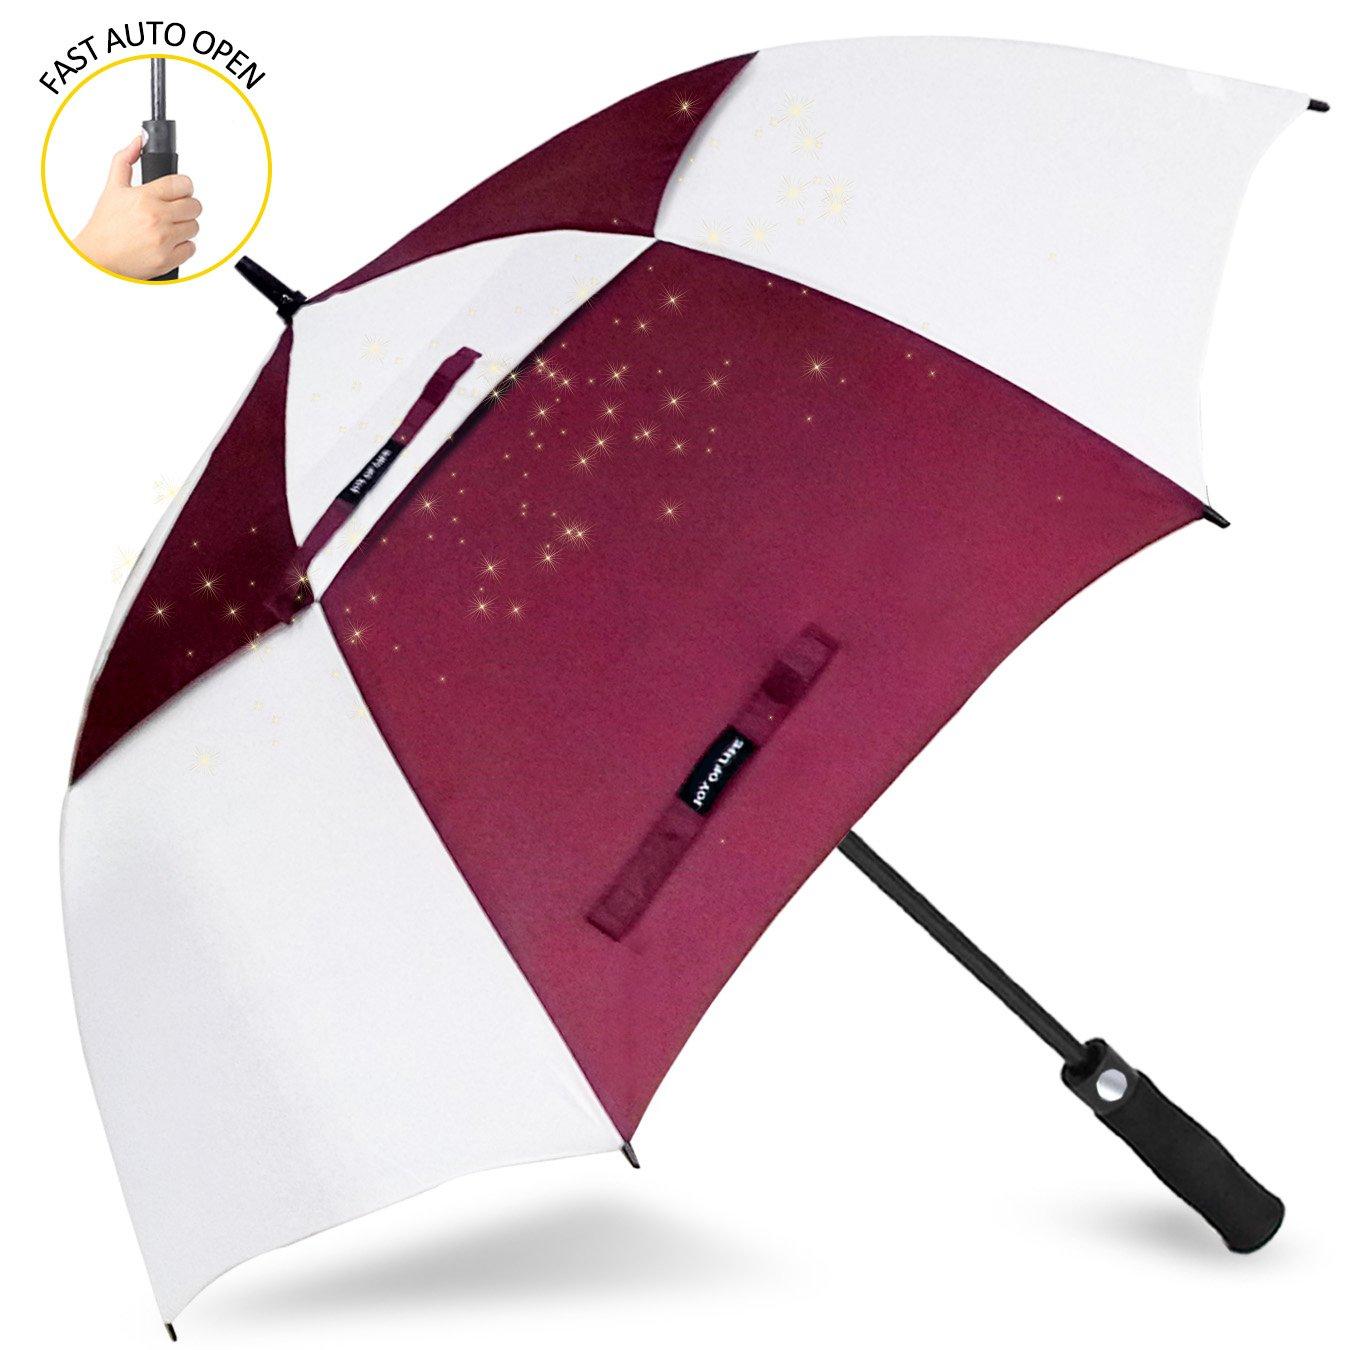 ゴルフ傘 長傘 ワンタッチ 自動開け大きな傘 100cm 梅雨対策 台風対応 ビジネス用 メンズ B077MTSRCB 傘の長さ100cm(62inches)|赤/白 赤/白 傘の長さ100cm(62inches)